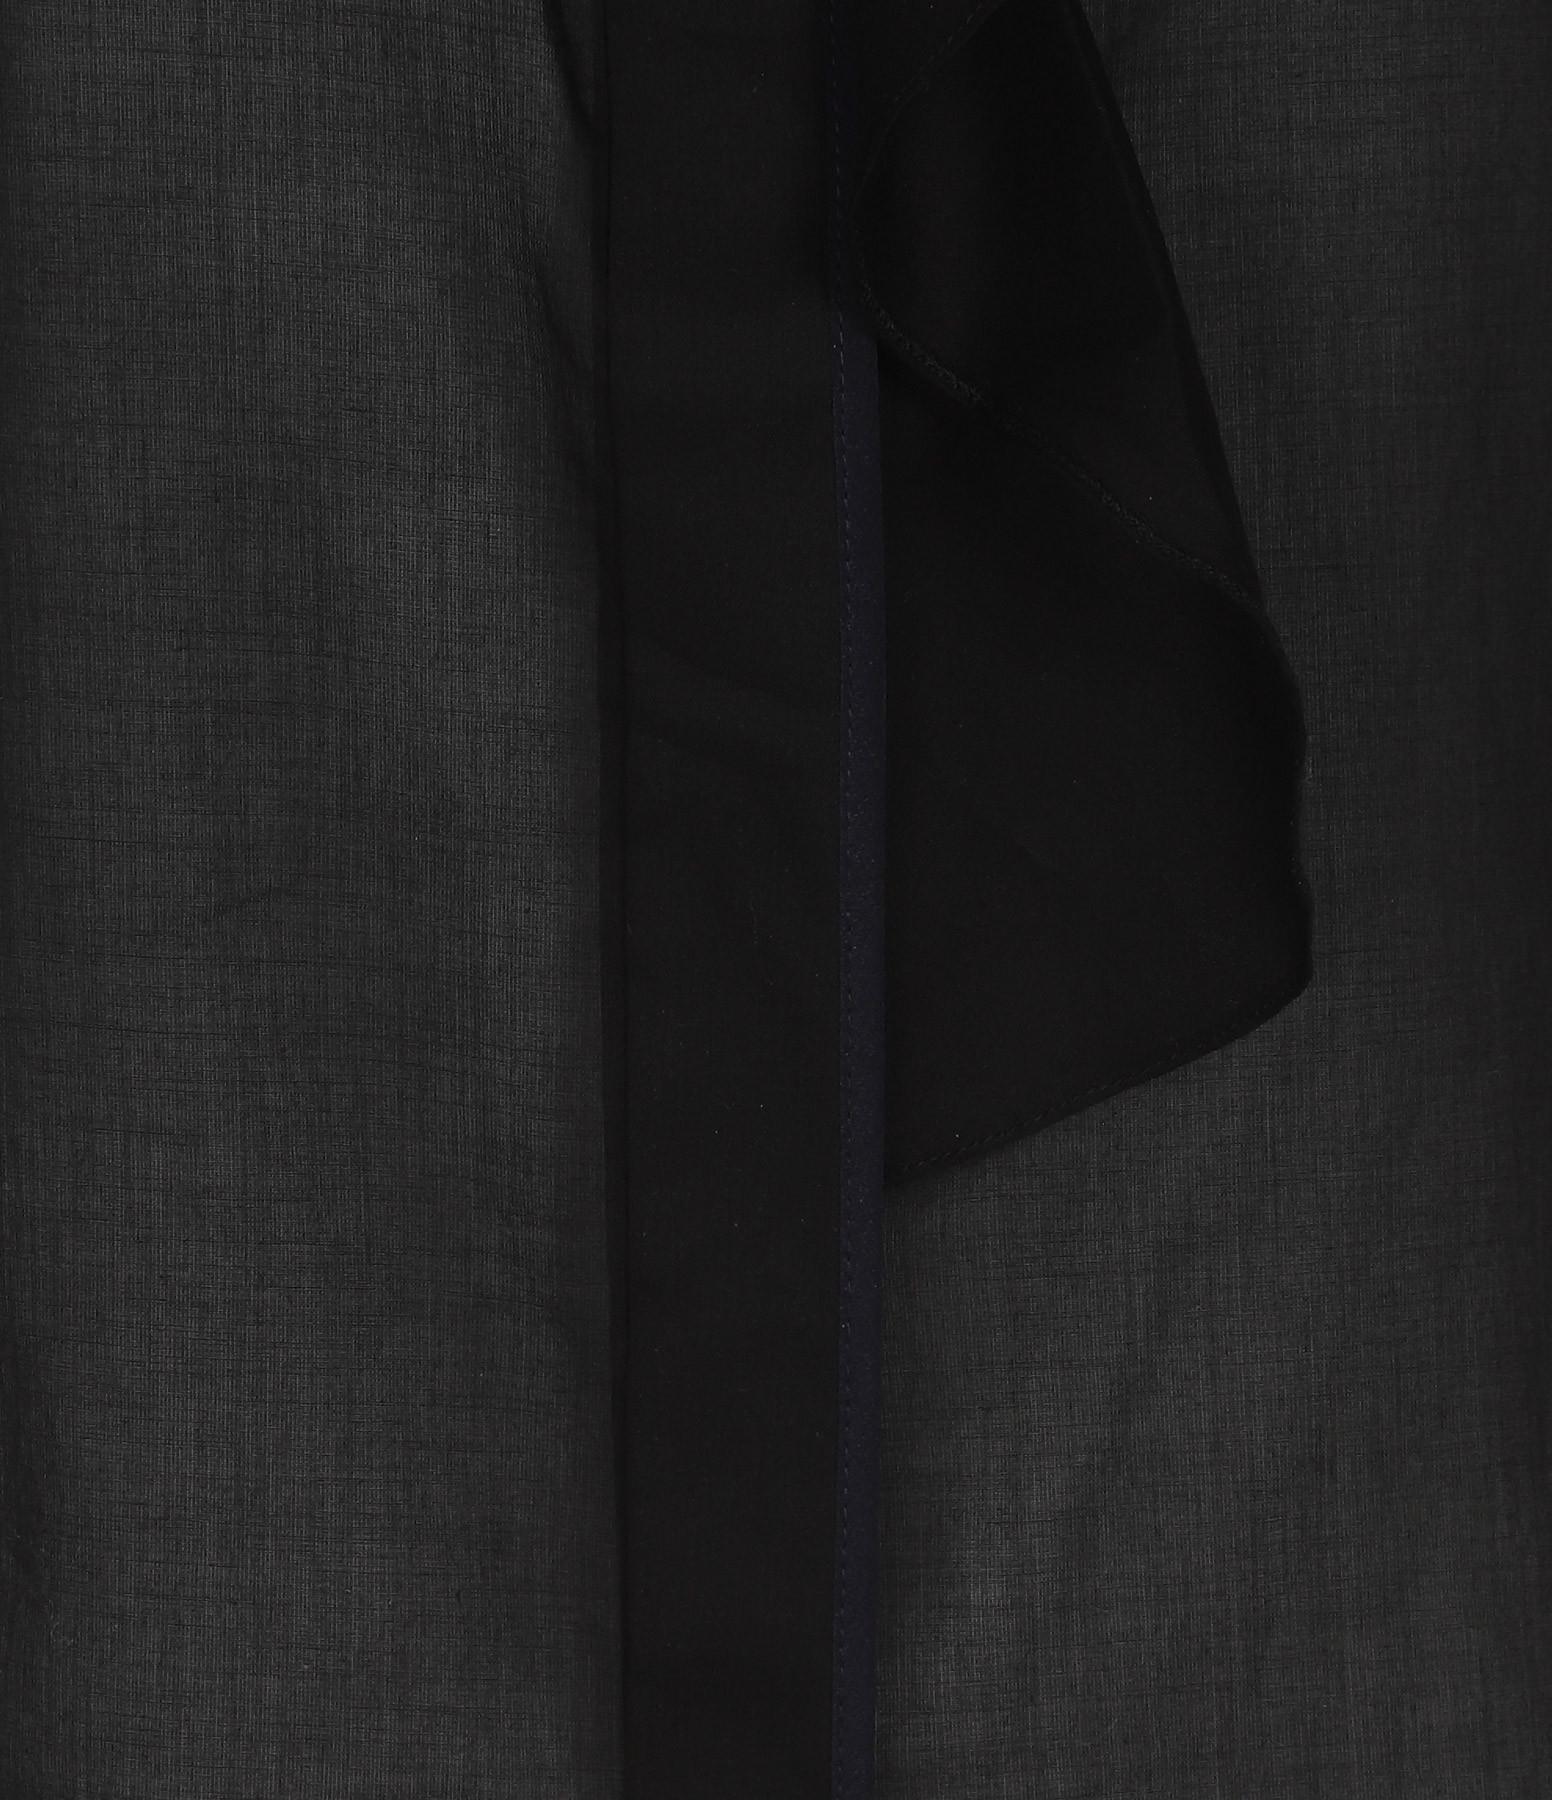 VICTORIA VICTORIA BECKHAM - Chemise Flute Coton Noir